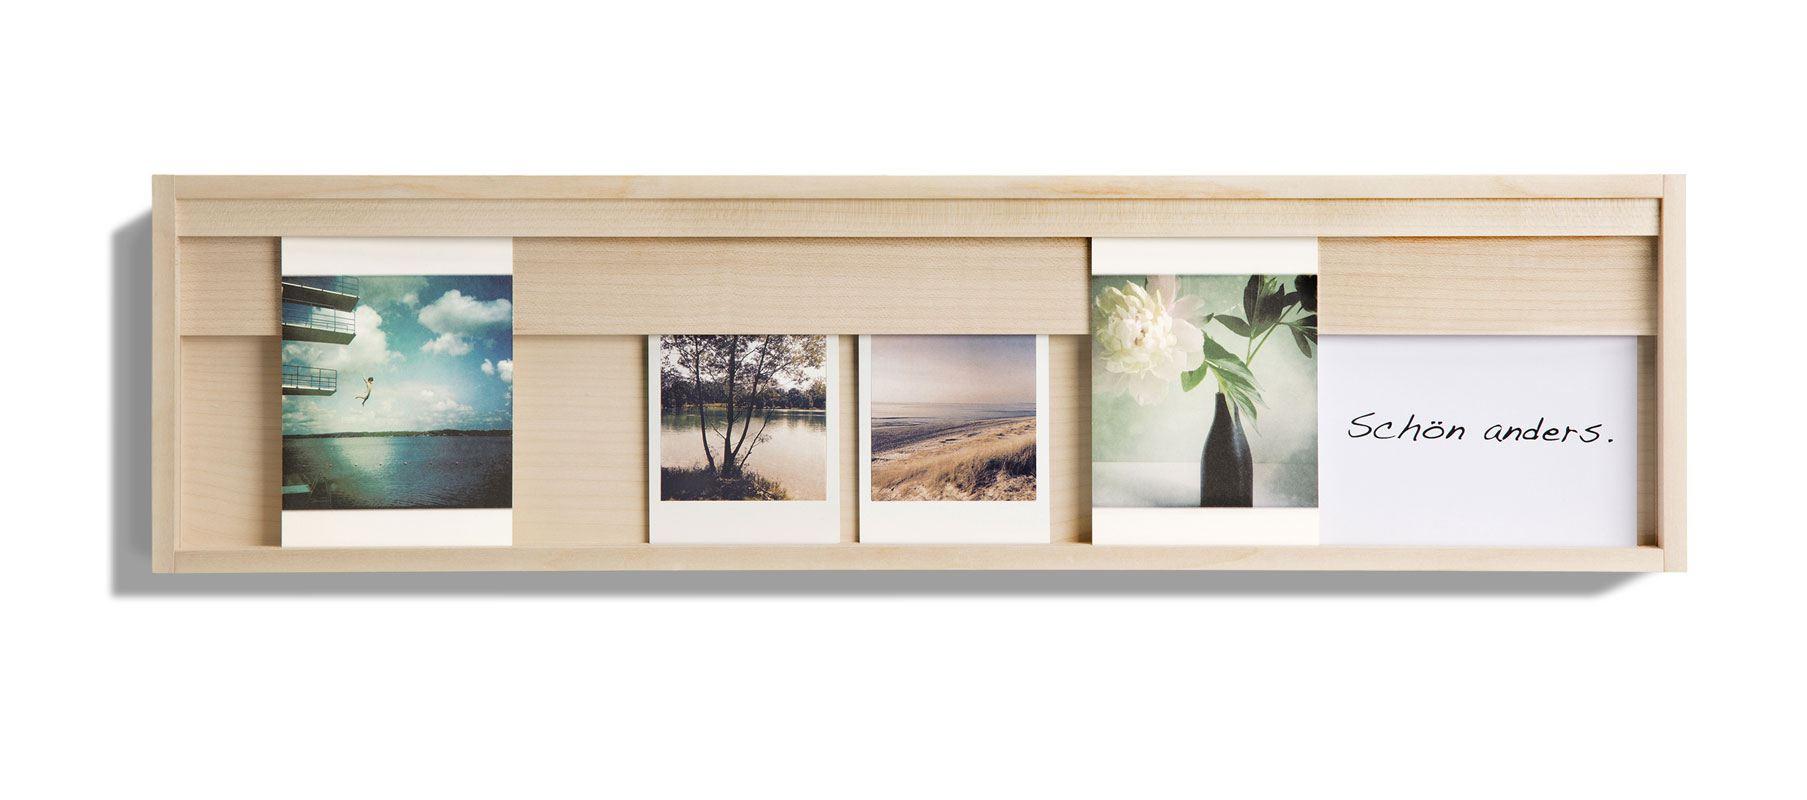 Karten- und Bilderrahmen aus Ahorn von sidebyside-Design